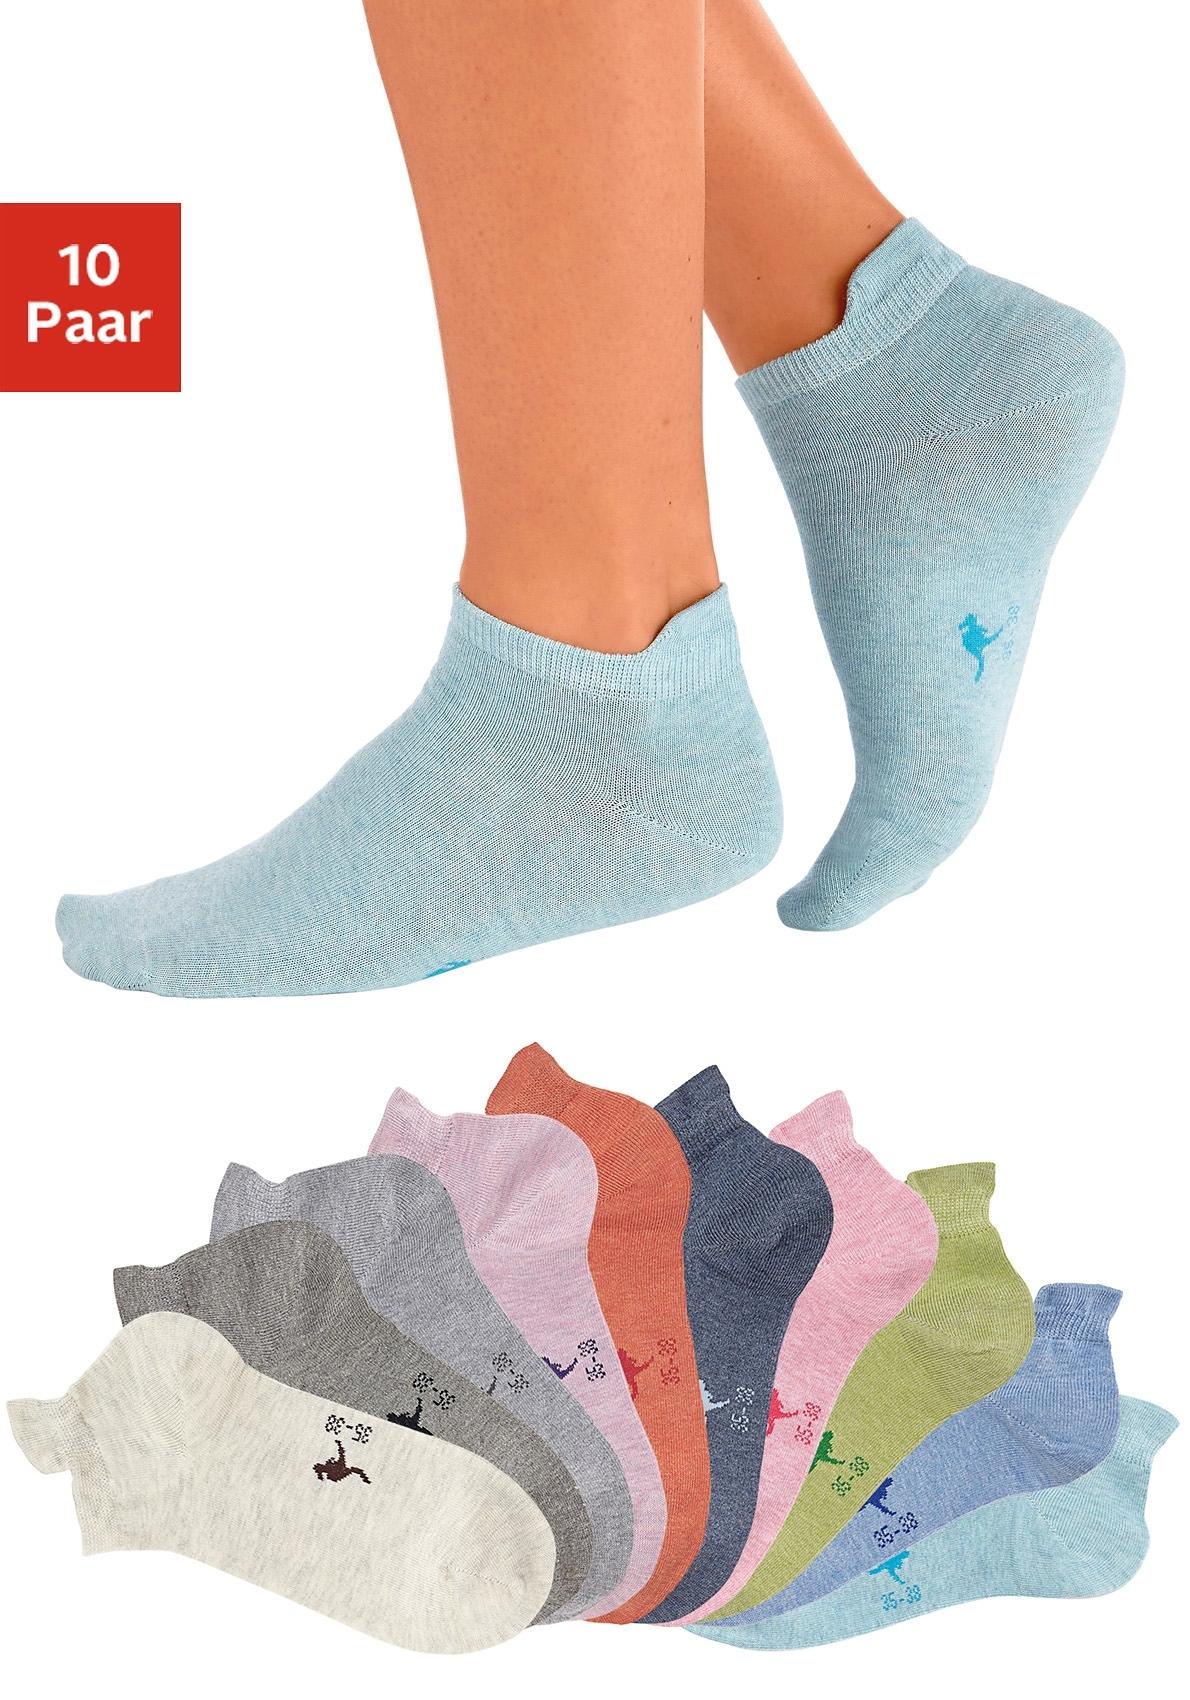 KangaROOS Sneaker-sokken 10 paar online kopen op lascana.nl